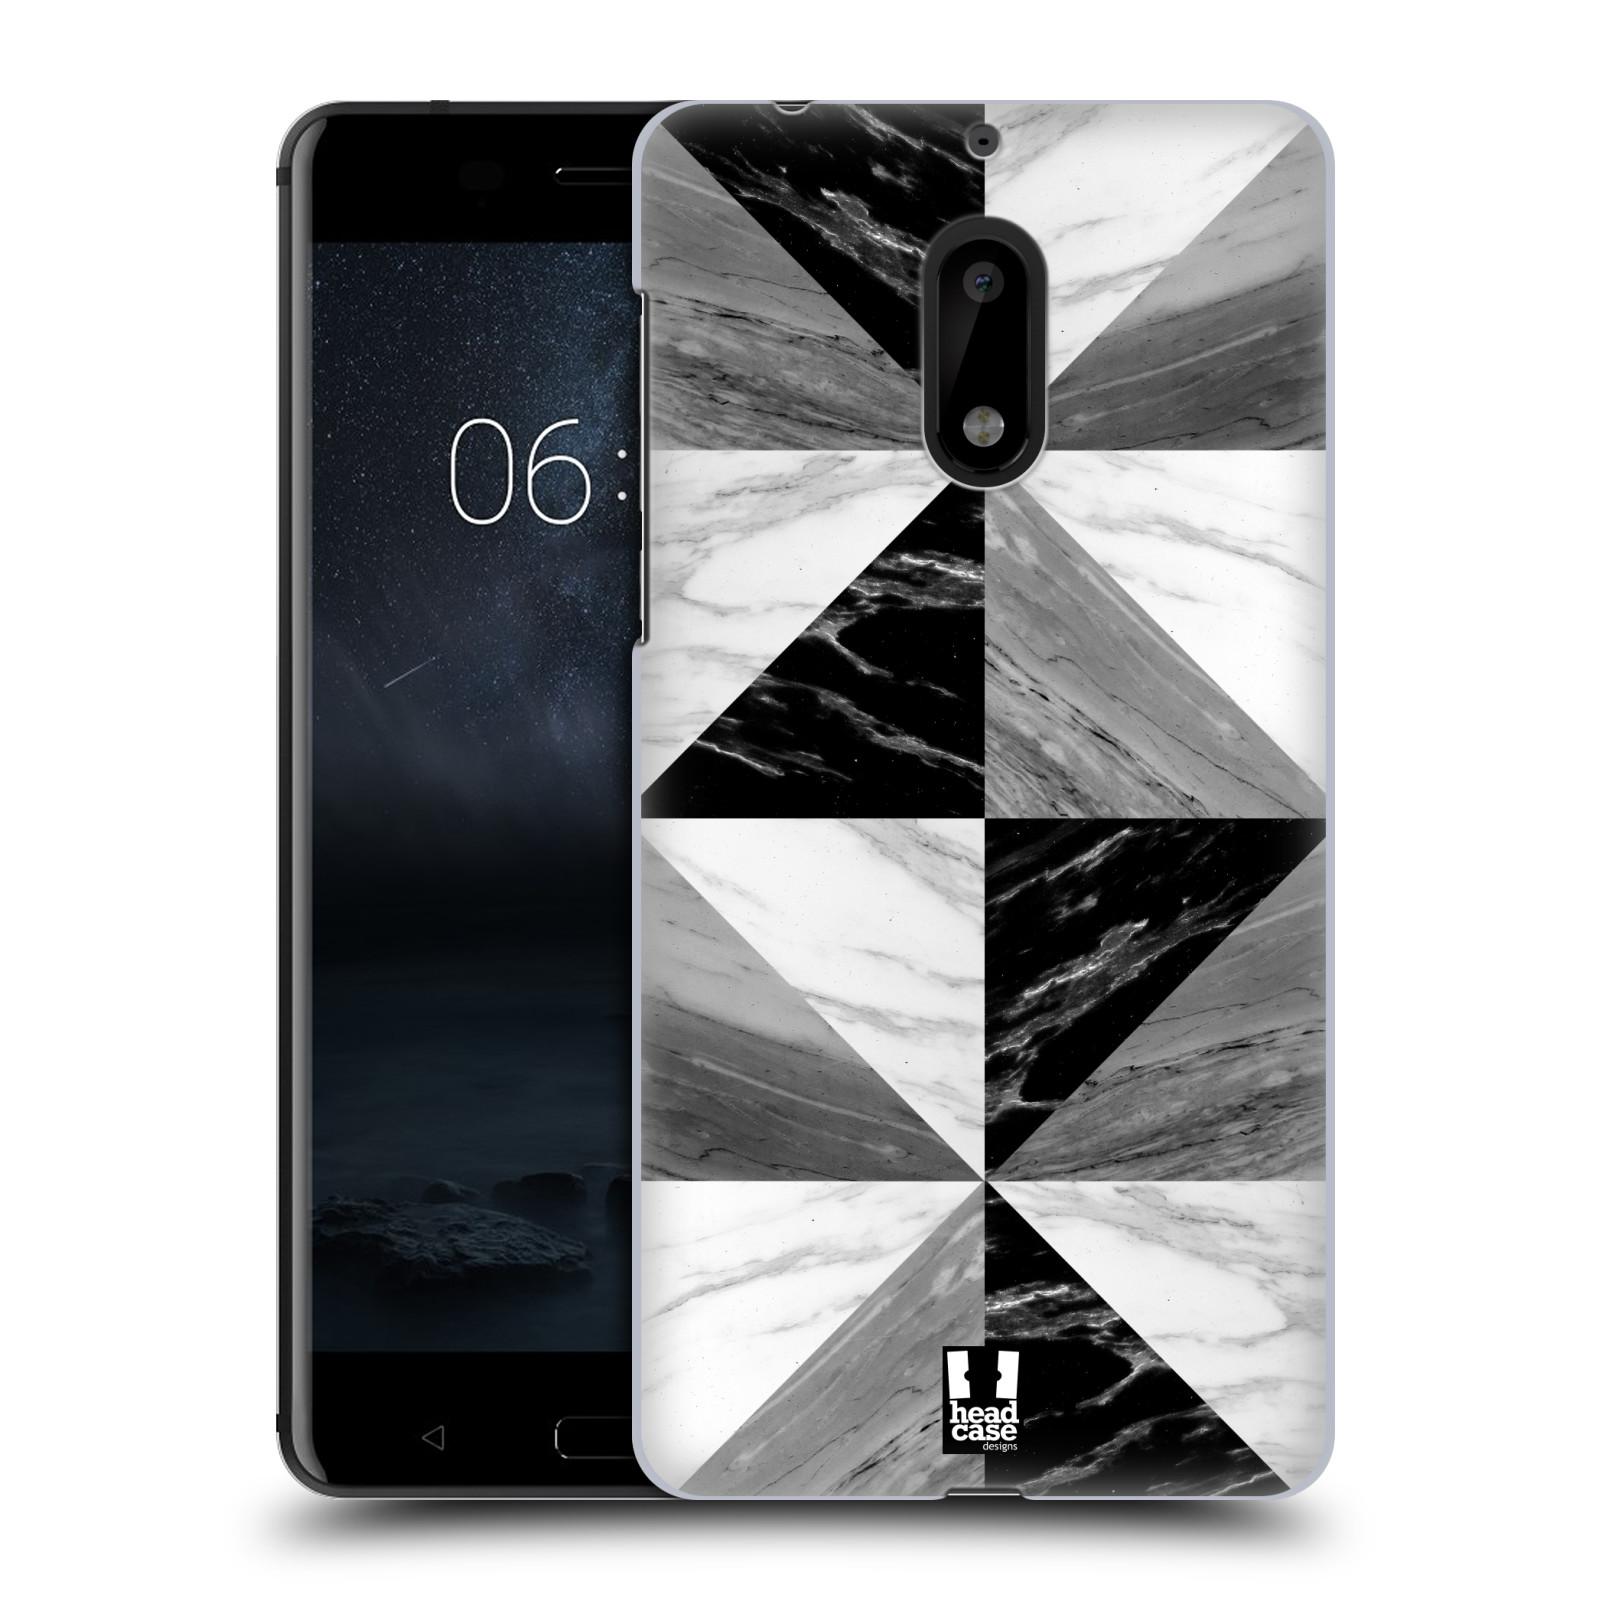 Plastové pouzdro na mobil Nokia 6 - Head Case - Mramor triangl (Plastový kryt či obal na mobilní telefon s motivem Mramor triangl pro Nokia 6 (Dual SIM))